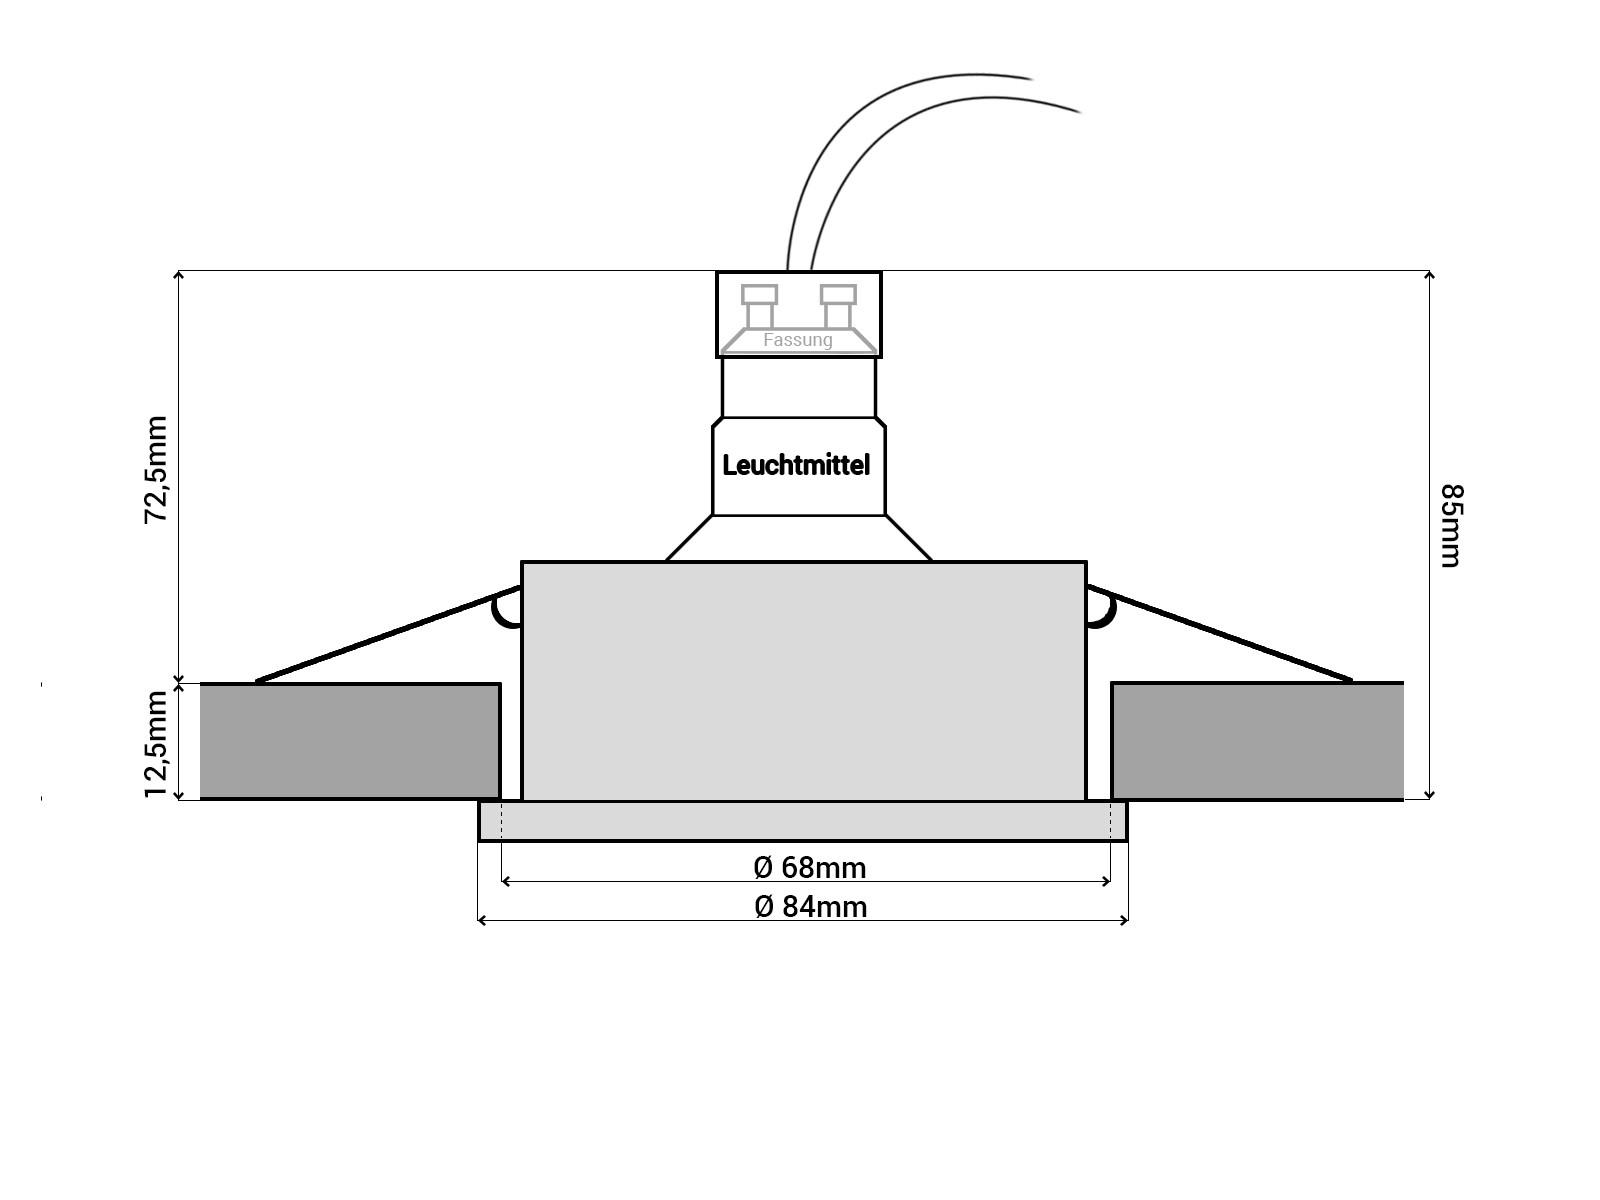 Einbau Deckenleuchten Bad Led: Iplan led ist ein produkt f?r die b ...